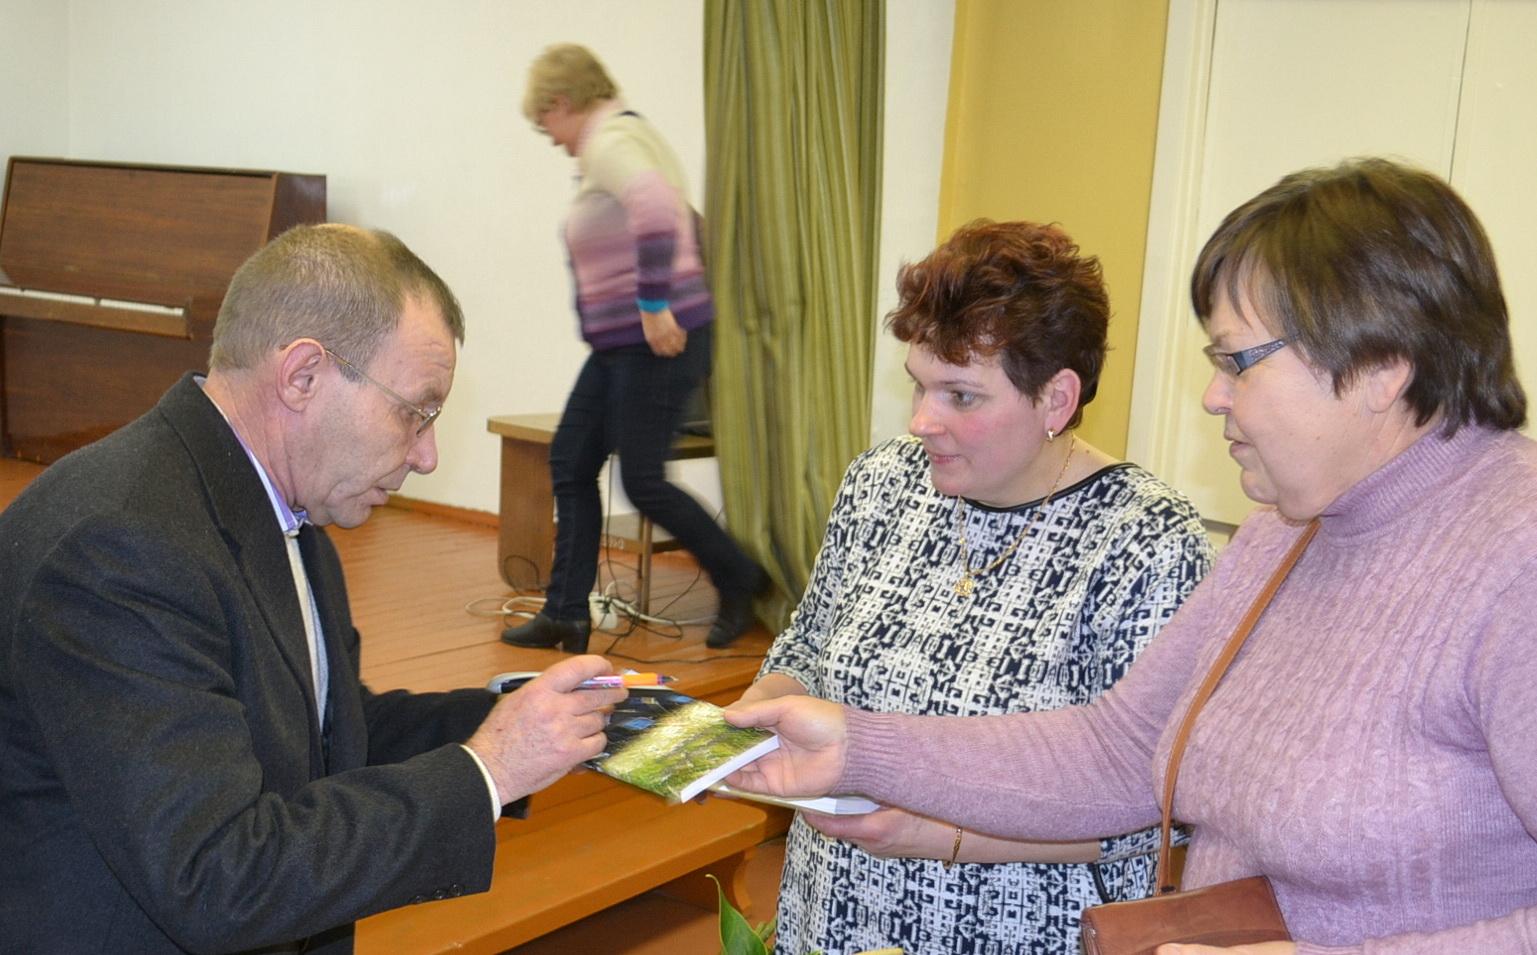 Panorusieji įsigijo A. Šikšniaus knygų su autoriaus dedikacija.